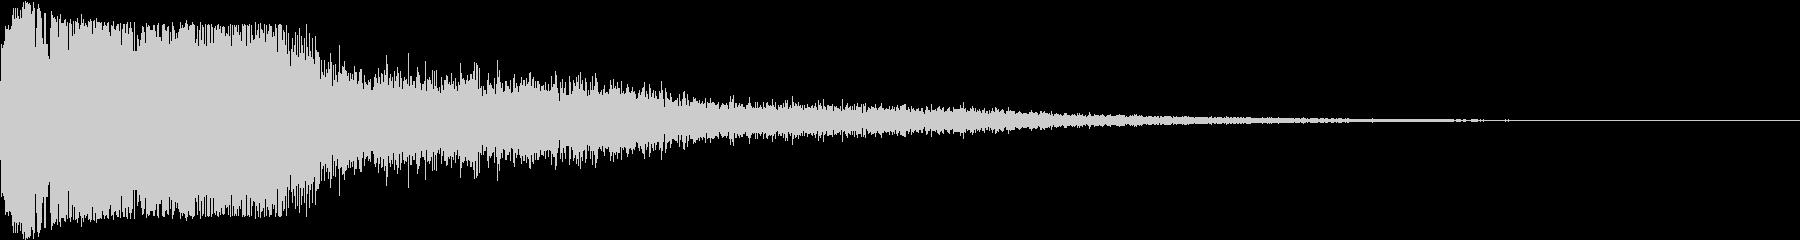 ピコン ピコ チャリン キュイン 2の未再生の波形